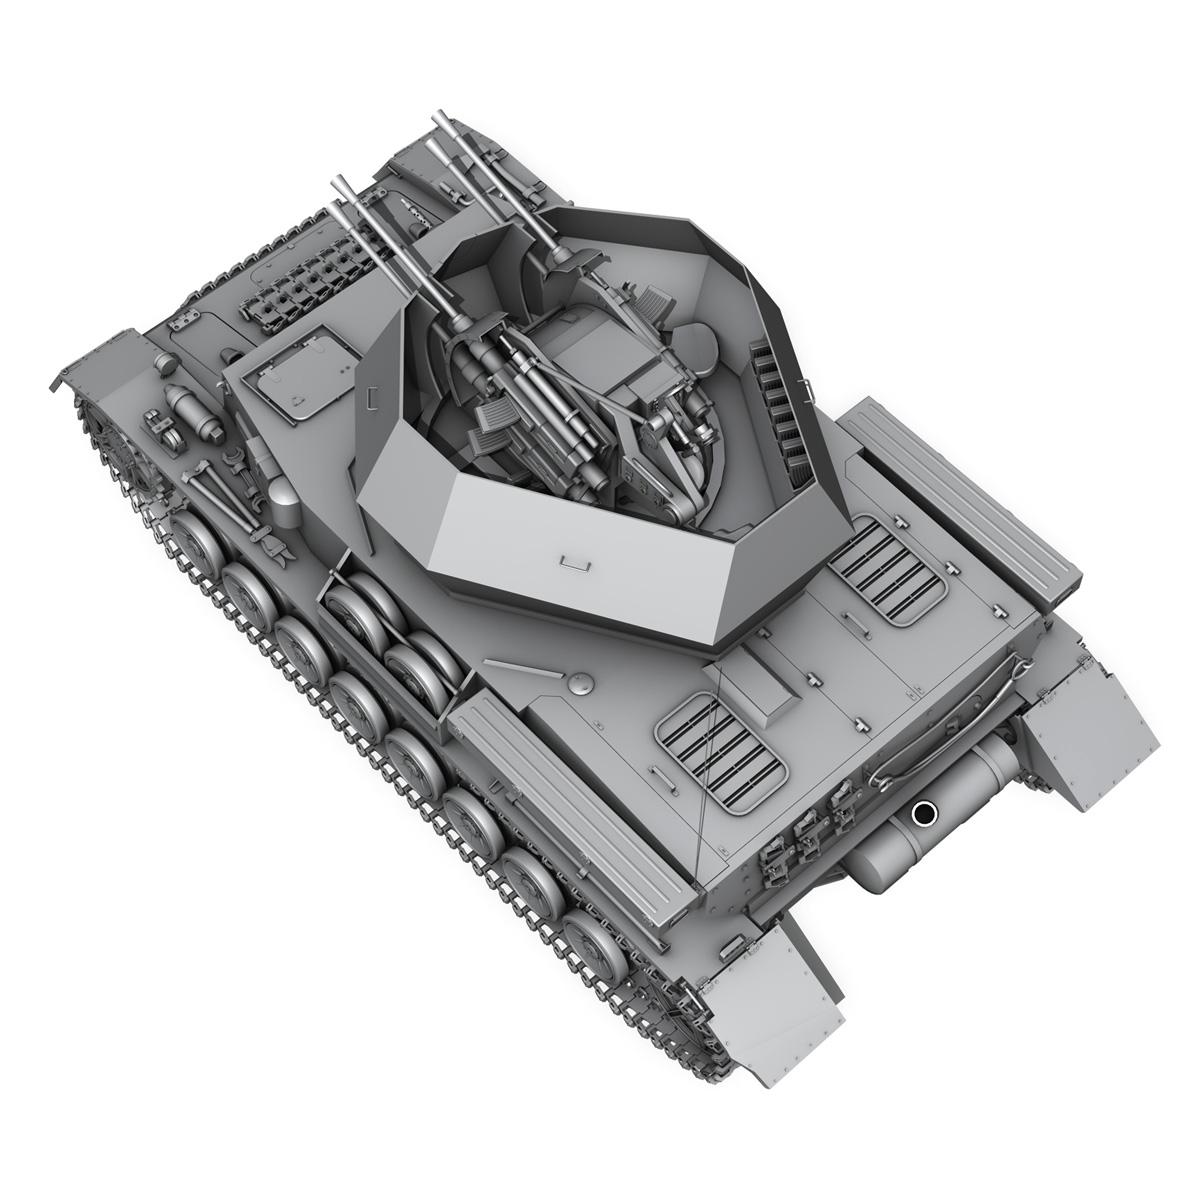 flakpanzer 4 - wirbelwind 3d model 3ds fbx c4d lwo obj 190390